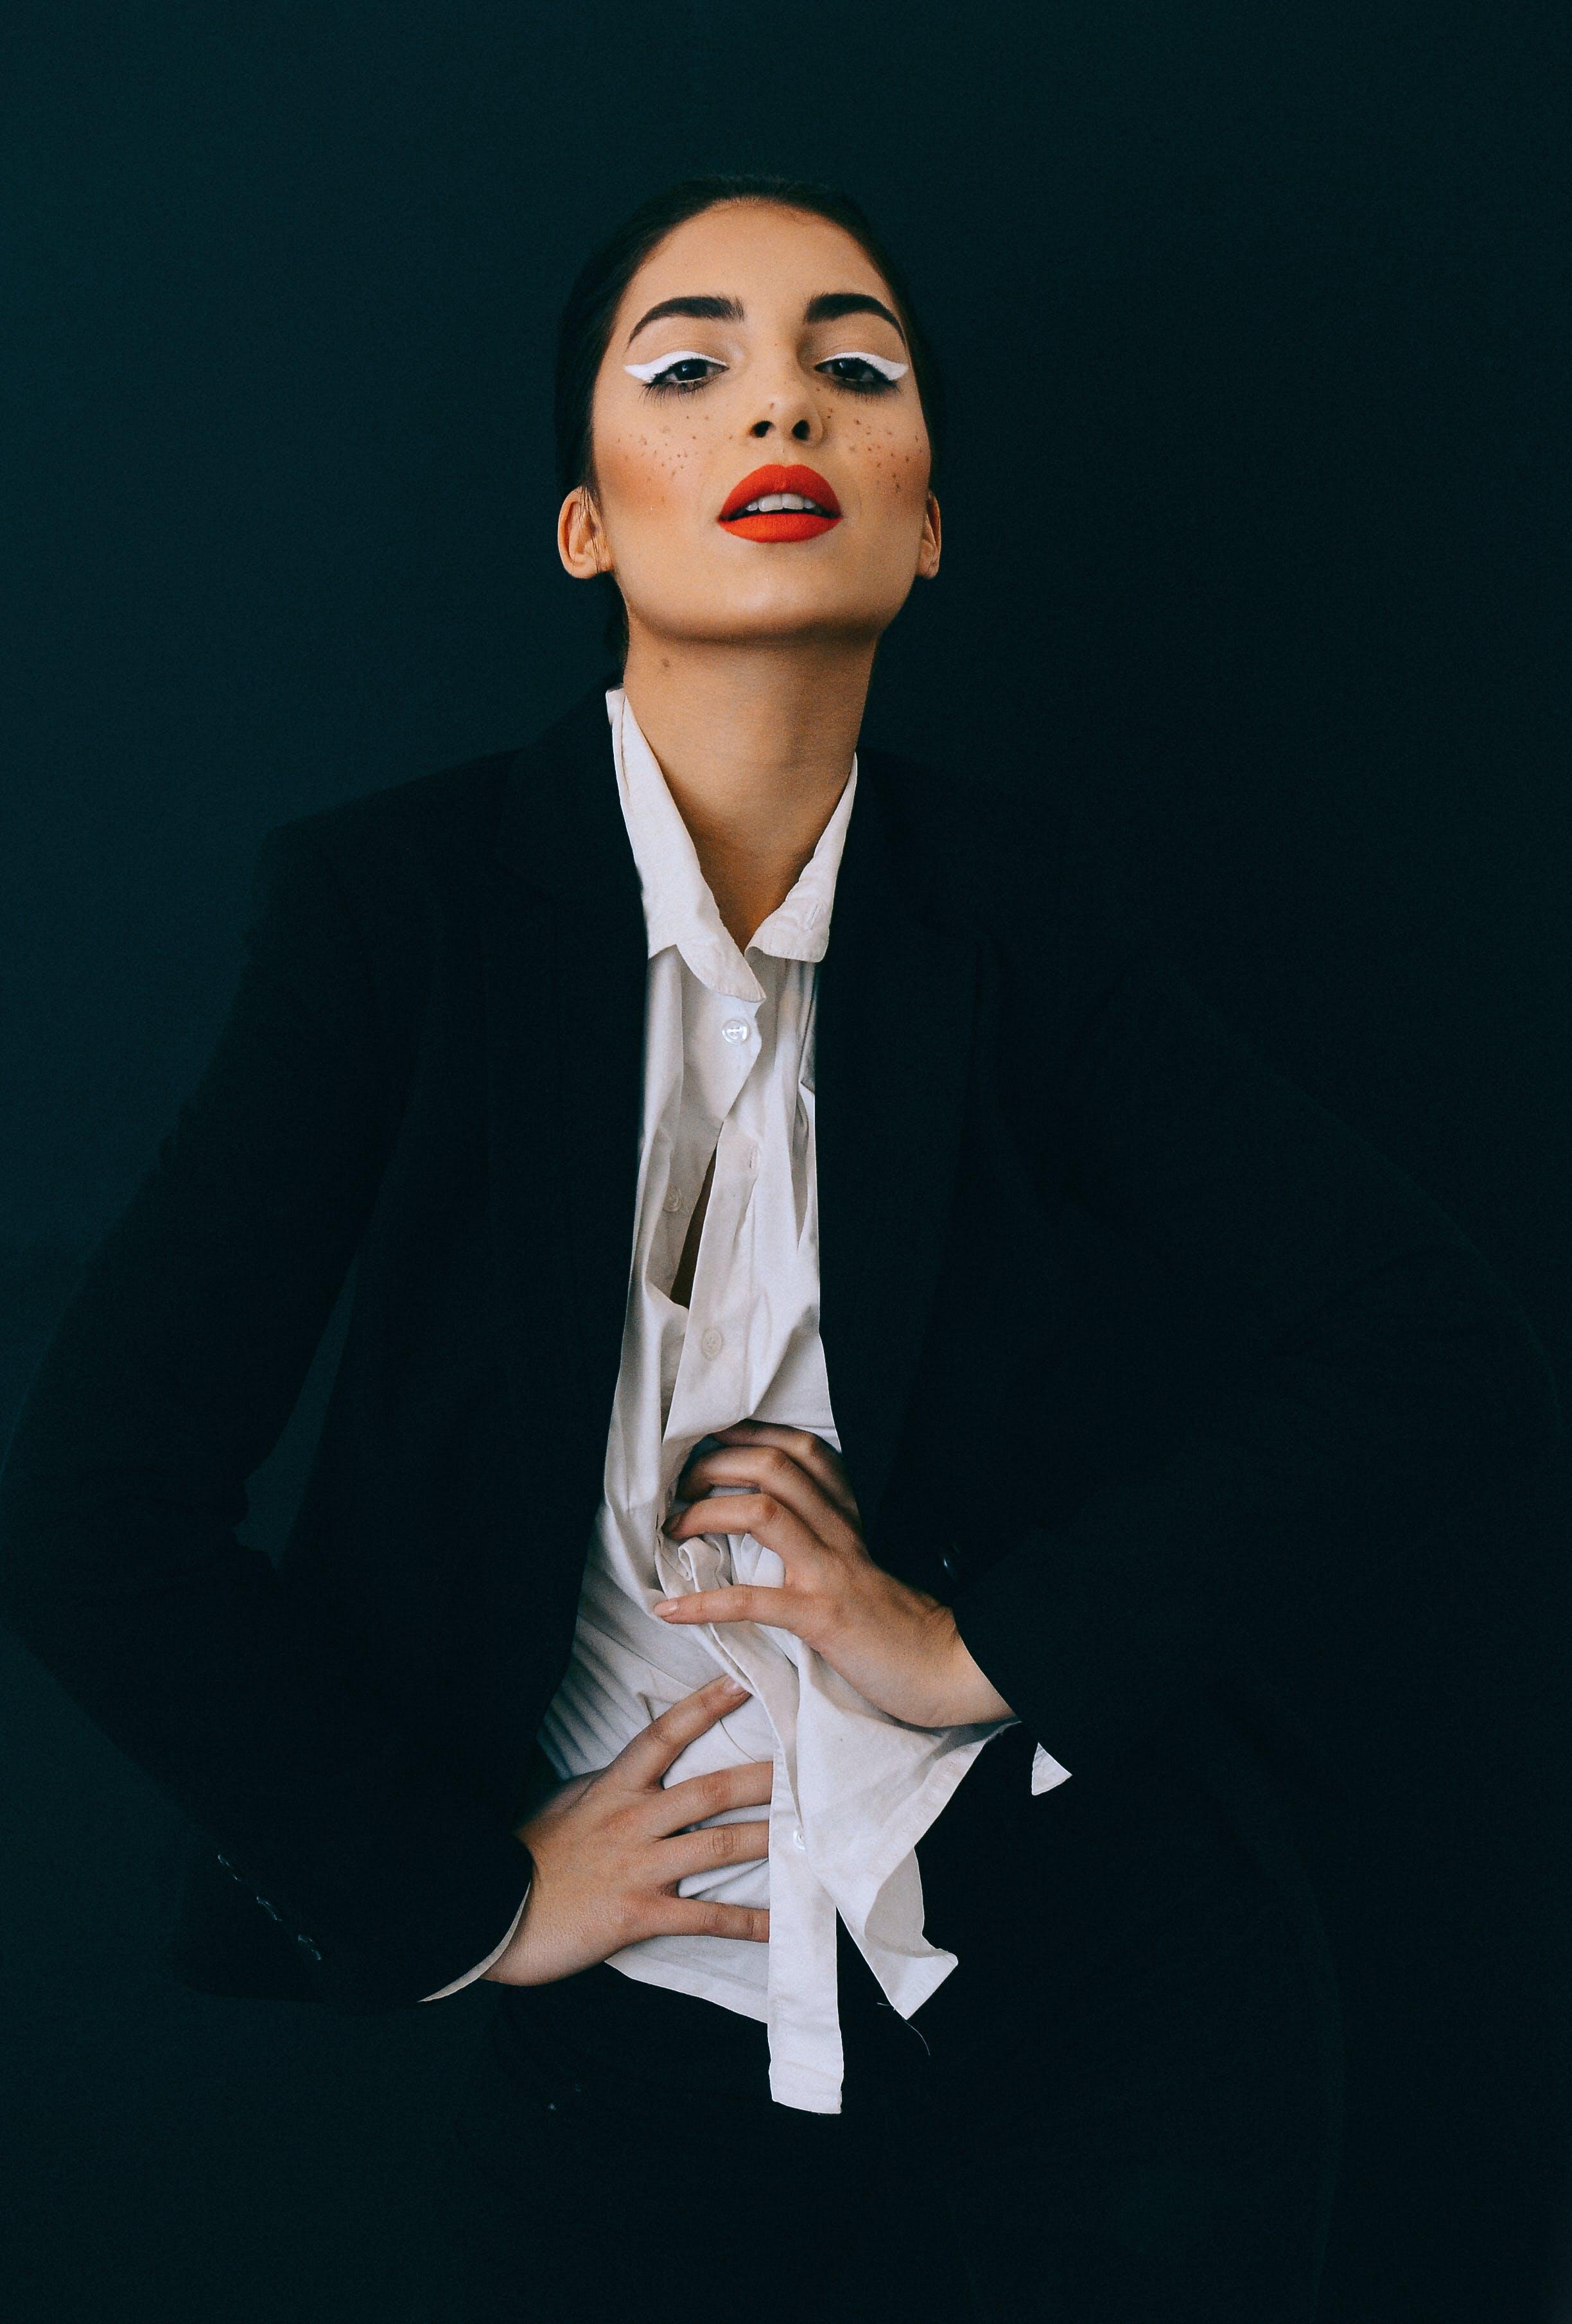 Kostnadsfri bild av ansiktsuttryck, attraktiv, elegant, flicka